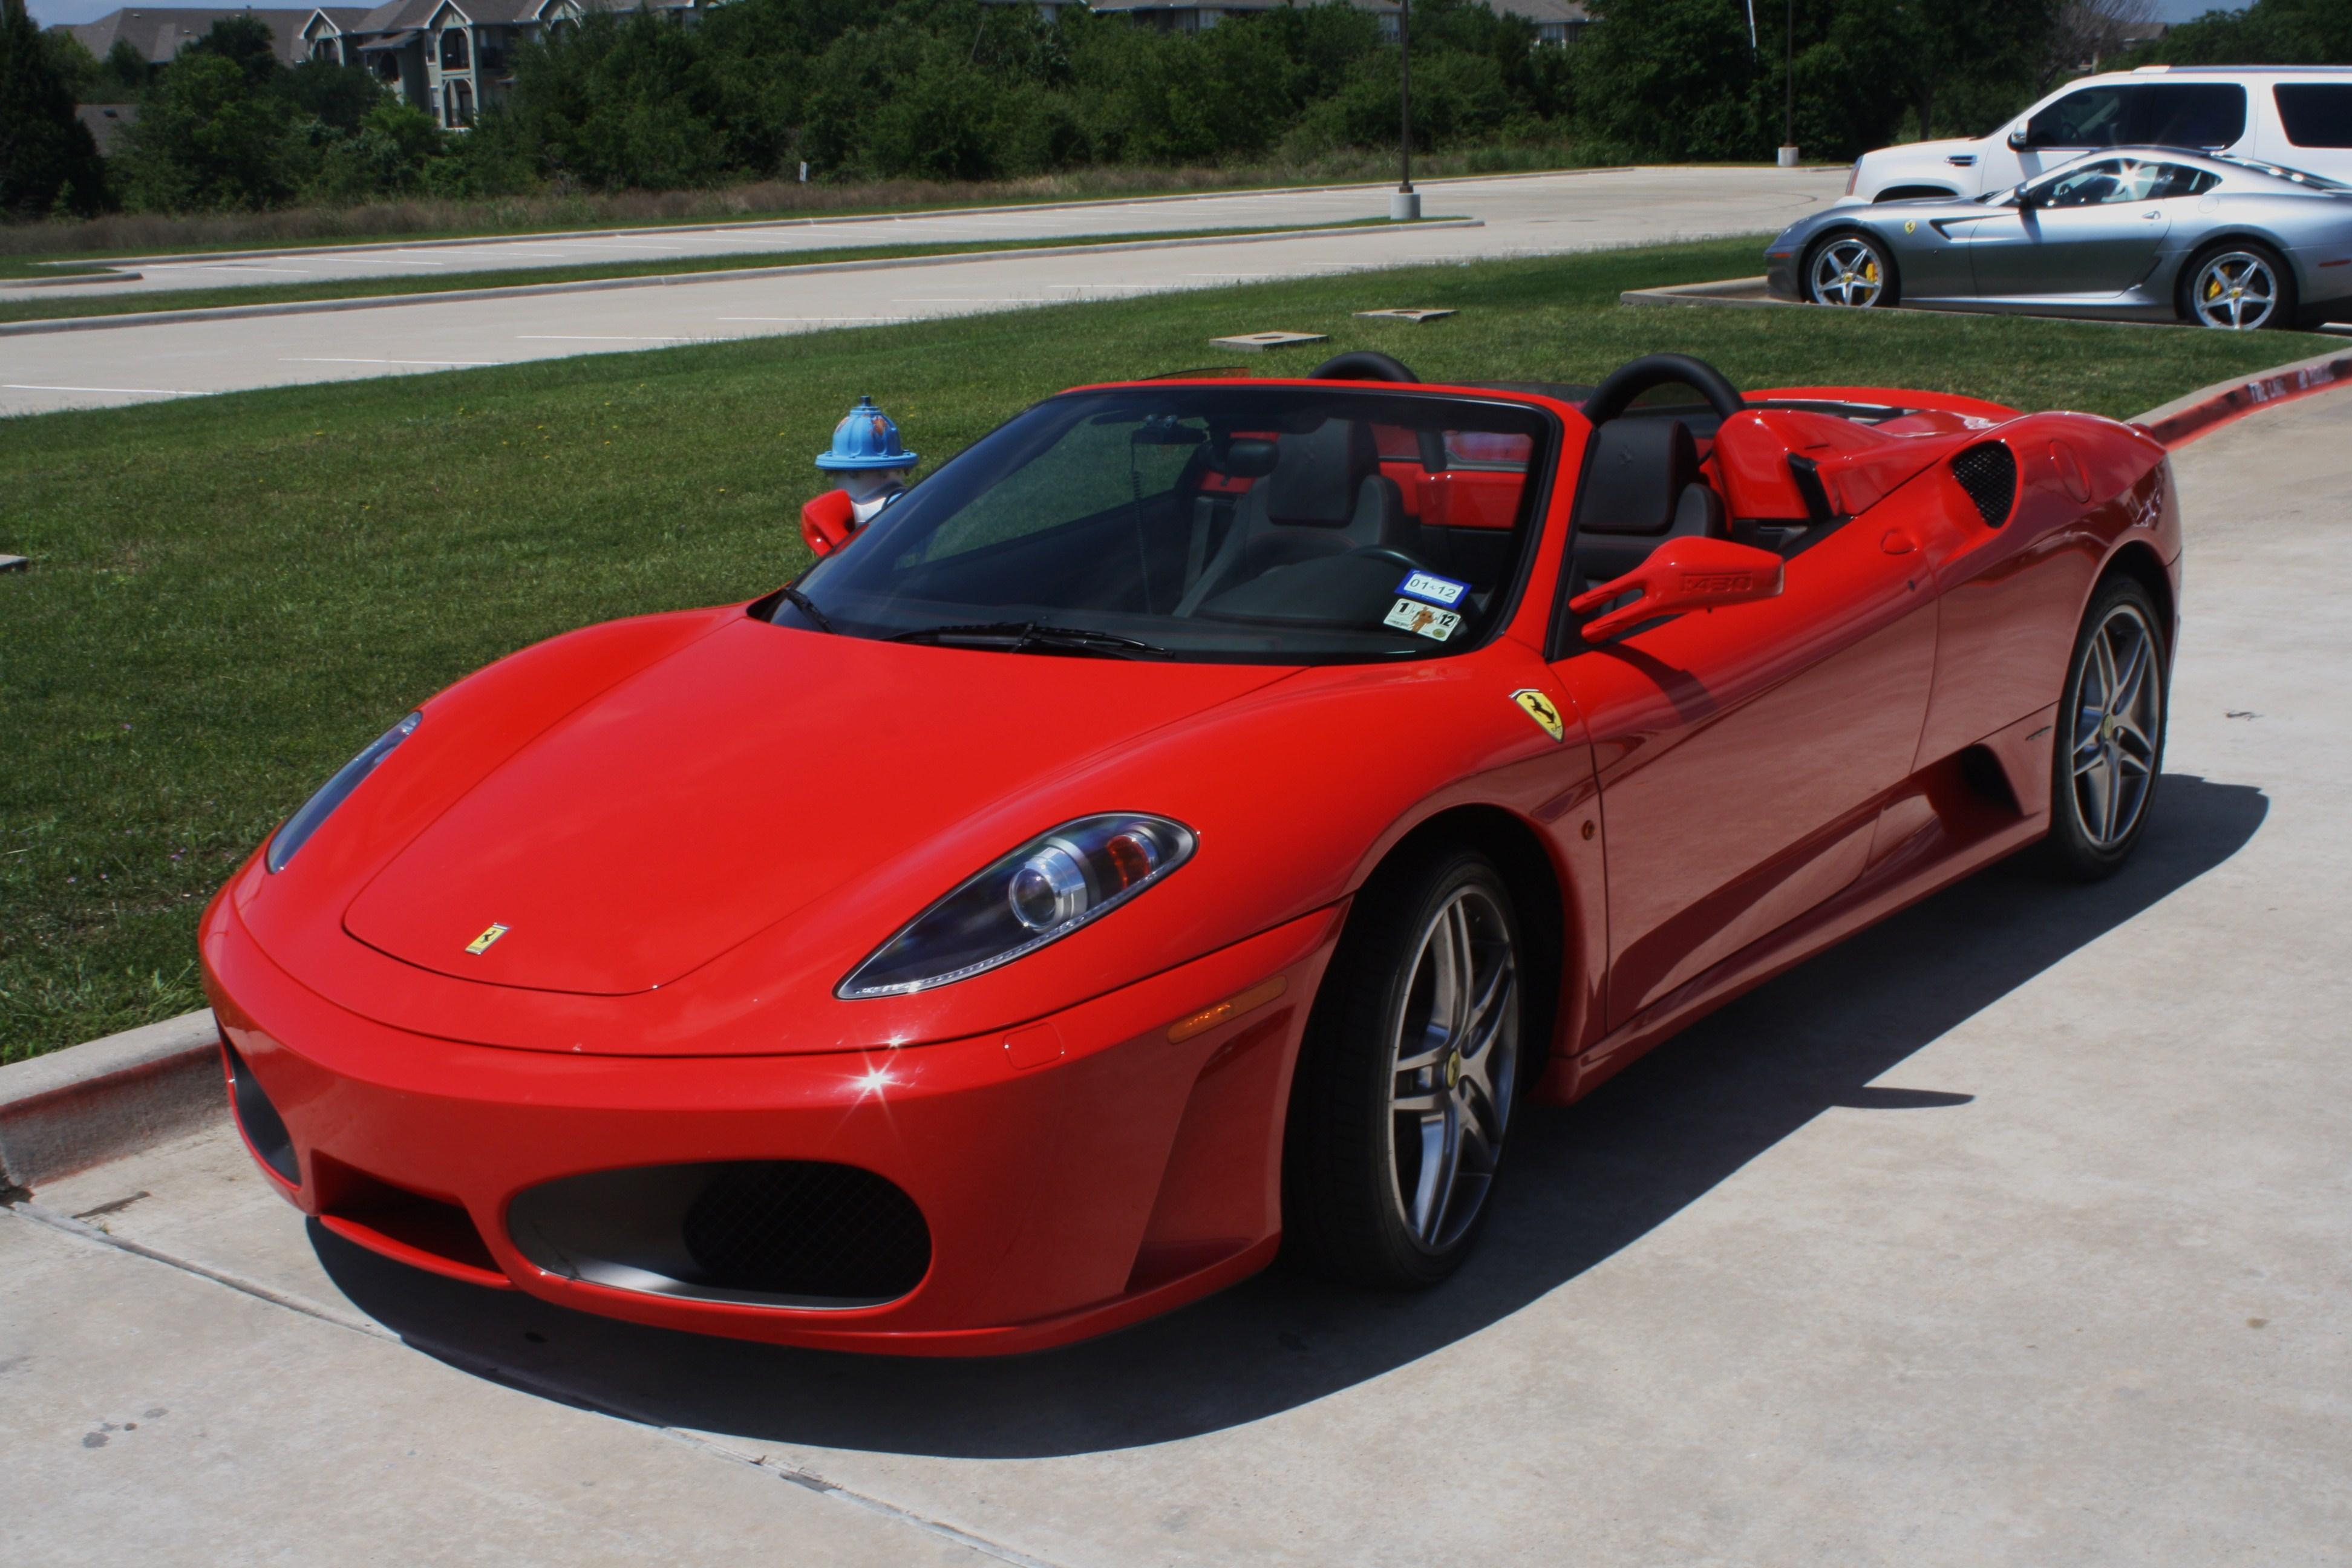 2006 Ferrari F430 #18 Ferrari F430 #18